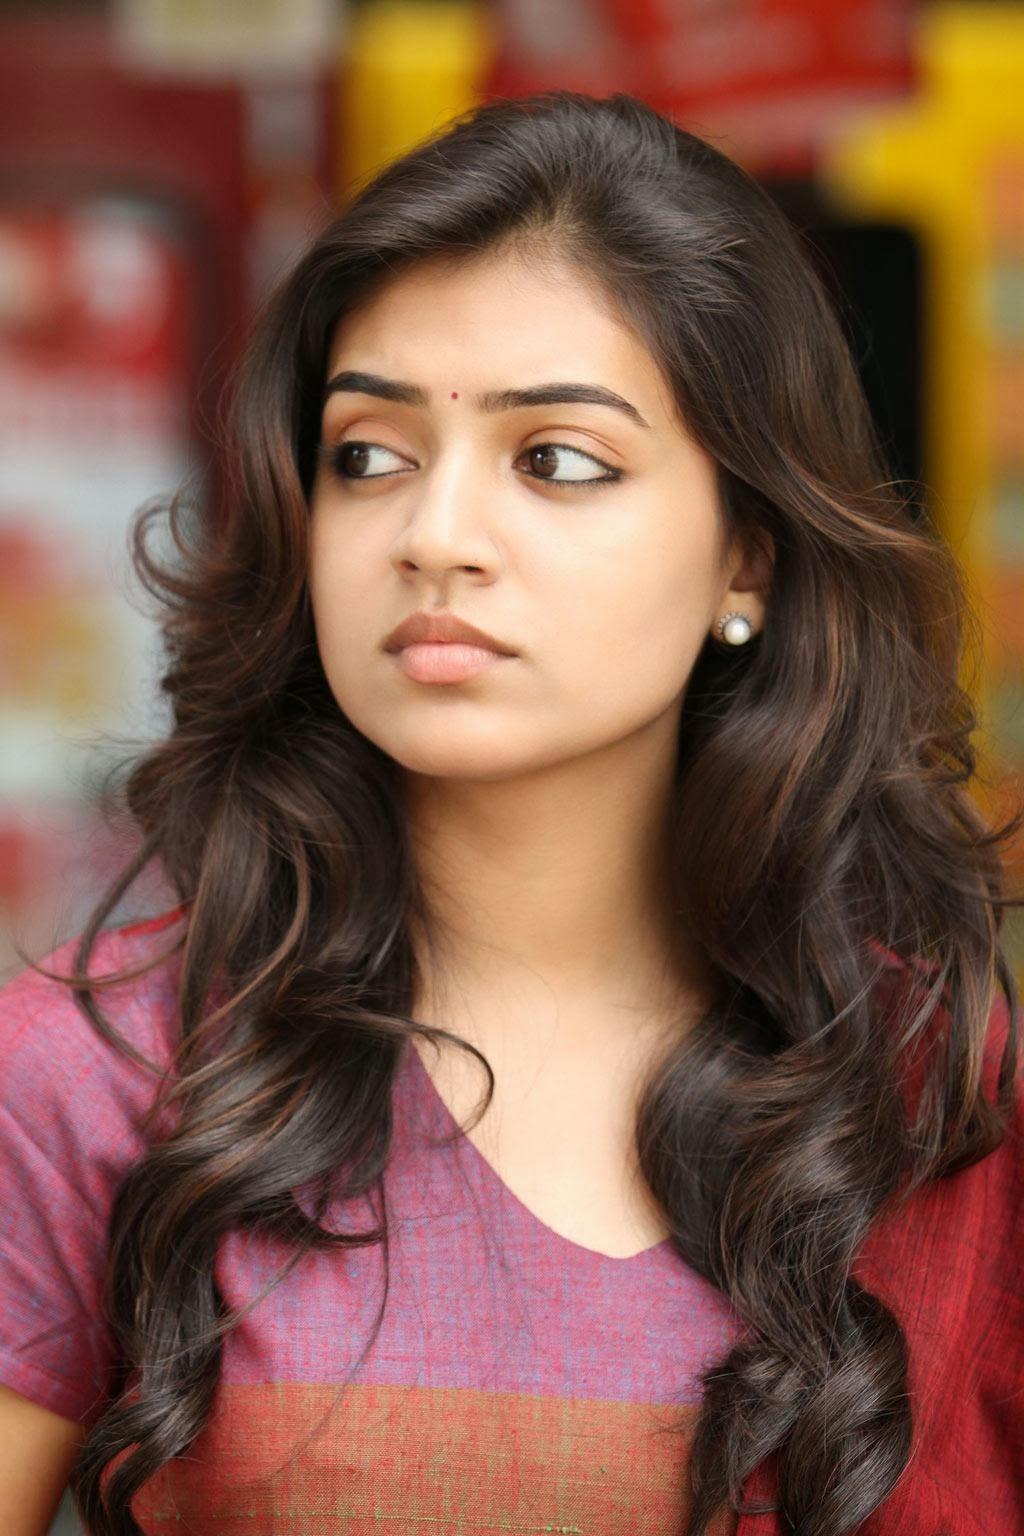 Igralka Nazriya Nazim starost, profil, Slike, Življenjepis-7618